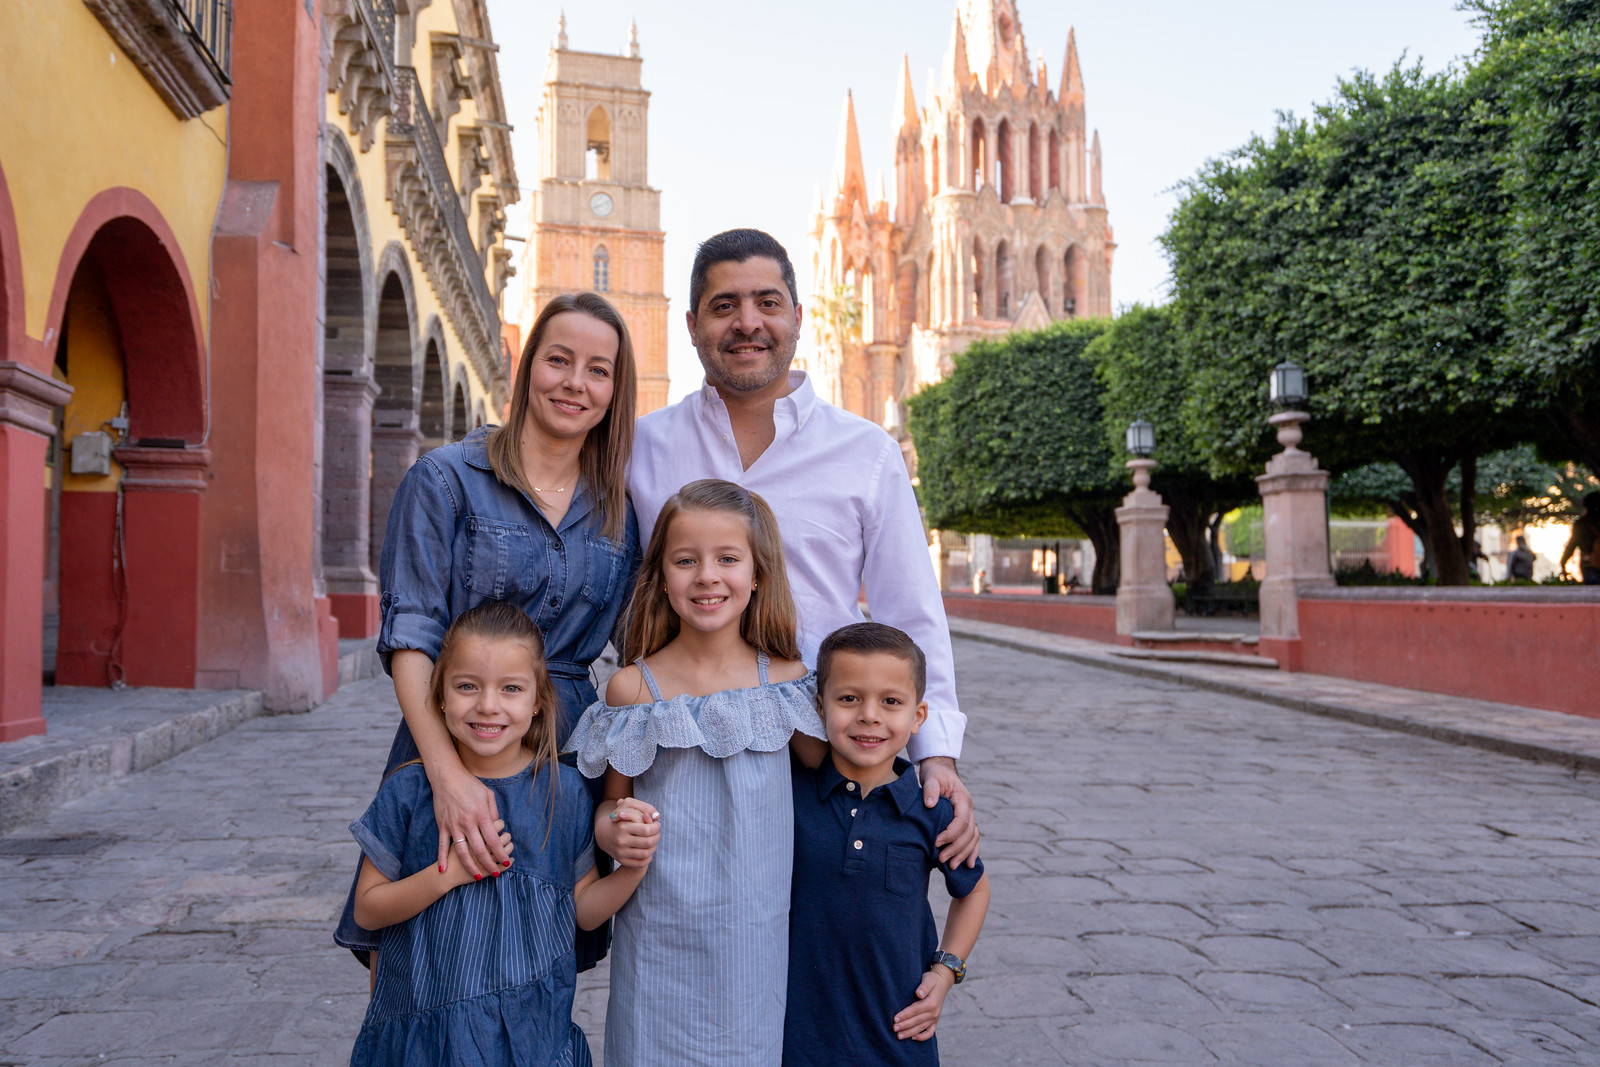 Sesion de Fotos Familiar en San Miguel de Allende con Jimena y su Familia-4.jpg